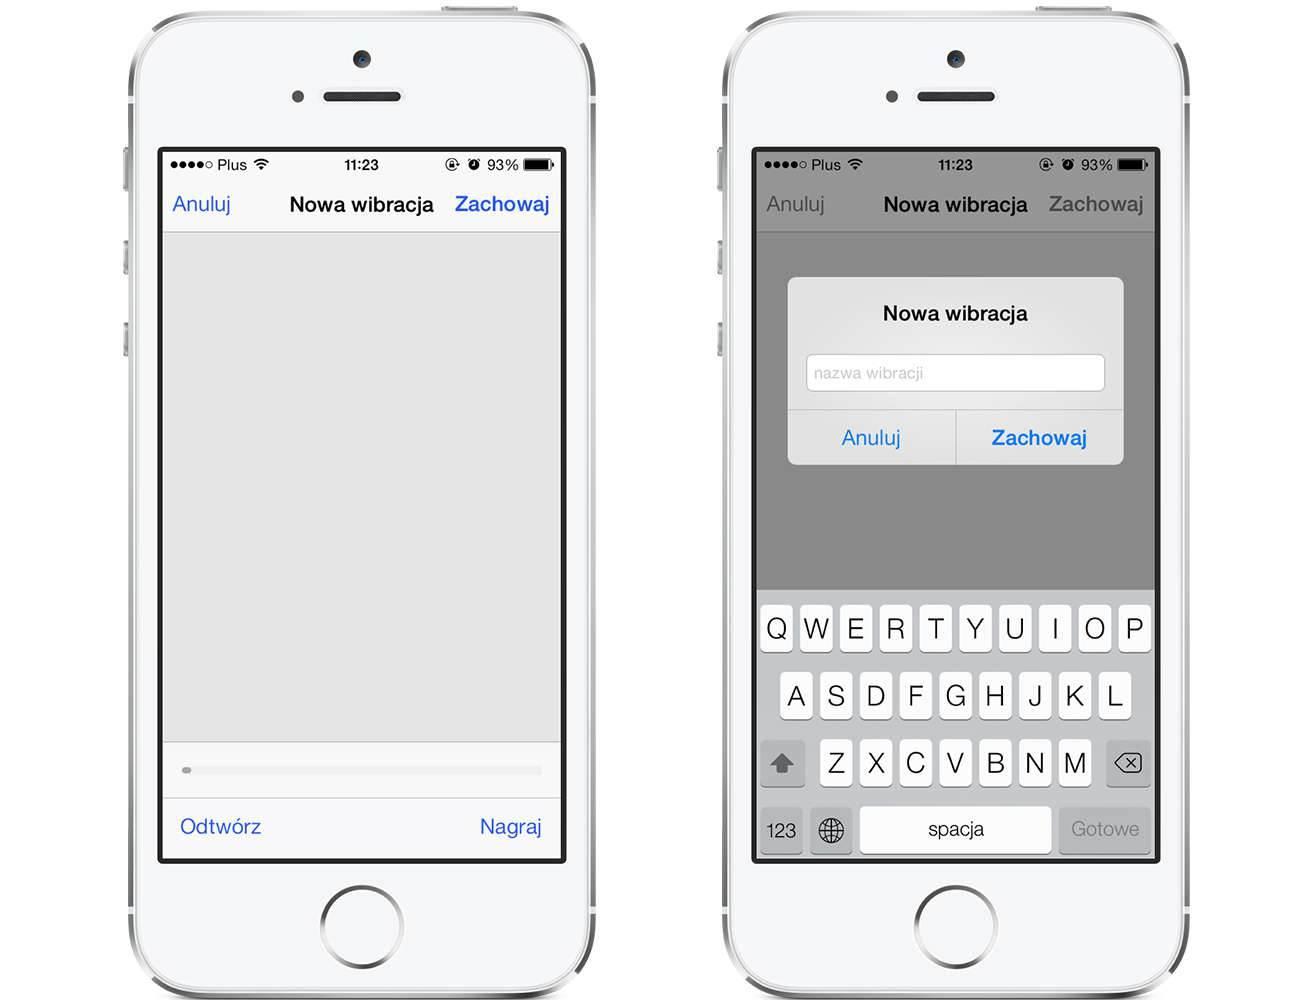 Naprawiamy wibrację w iPhone 5/5s poradniki Wibracja iPhone 5, wibracja, Naprawiamy wibracje iPhone 5, Naprawiamy wibrację, Naprawiamy iPhone, iPhone 5s, iPhone 5, iPhone, iPad, Apple   28